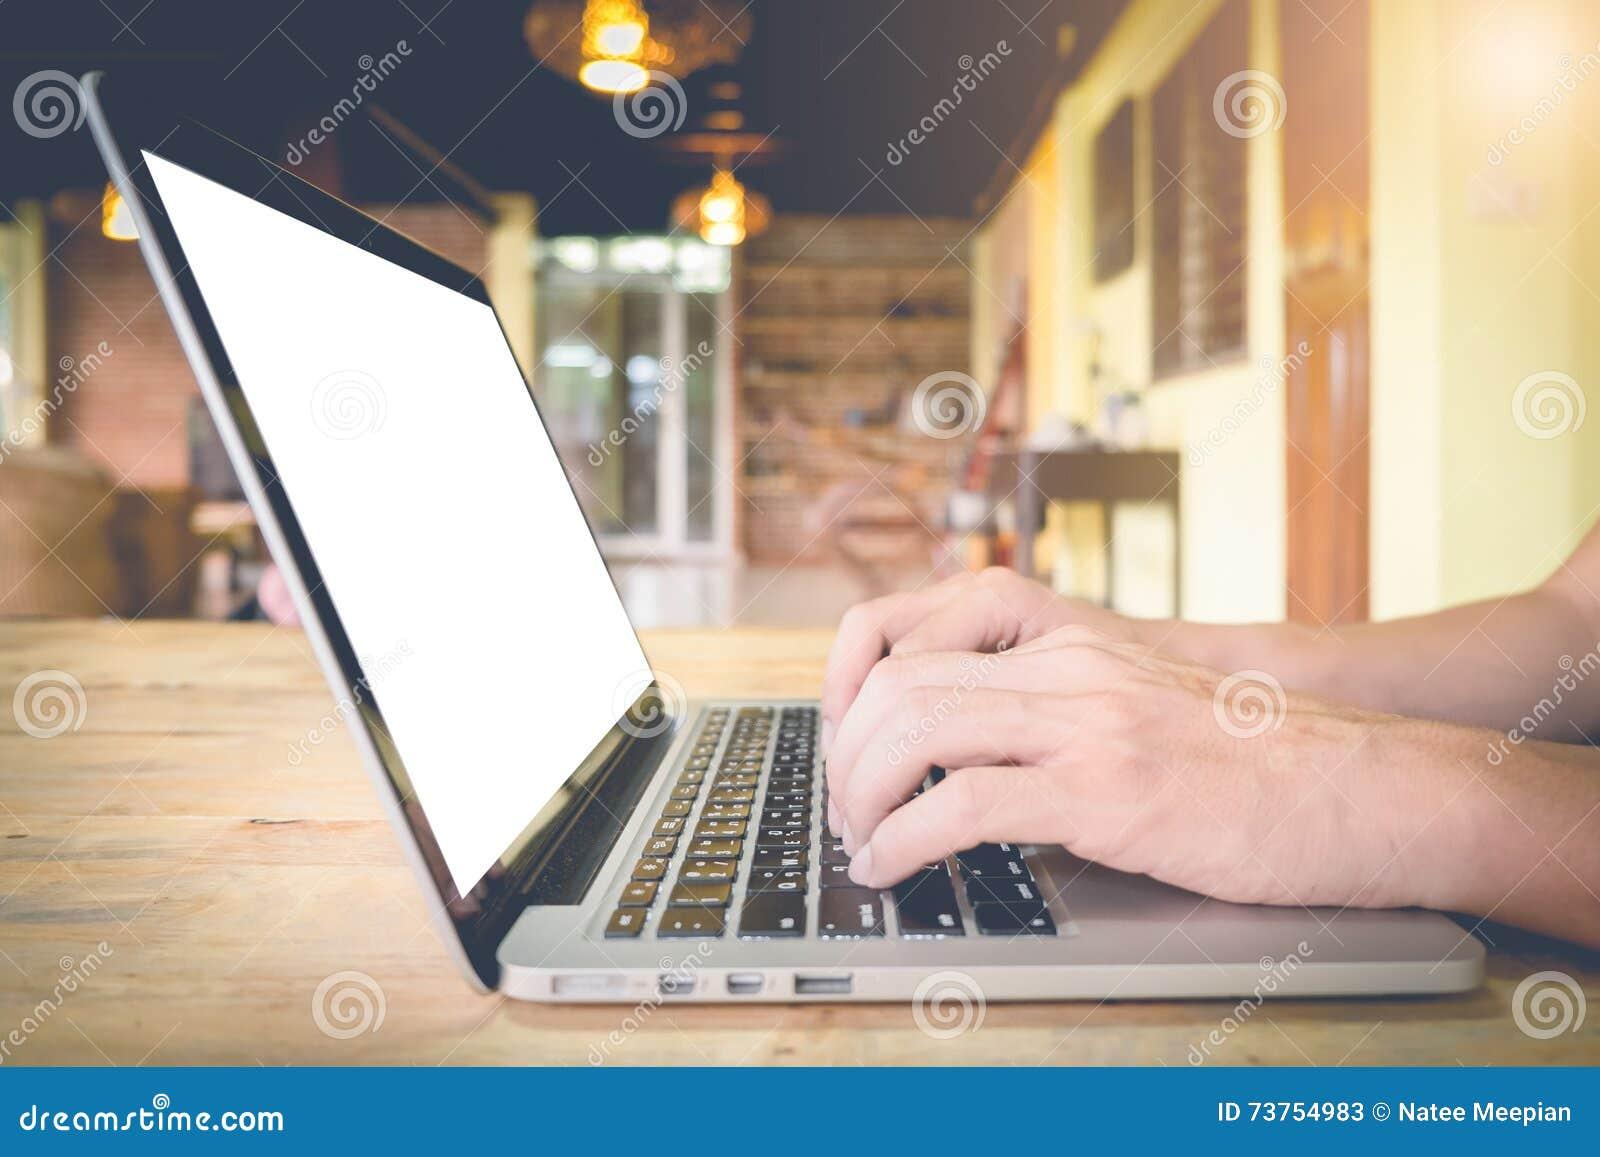 El hombre de negocios utiliza el ordenador portátil en la tabla de madera